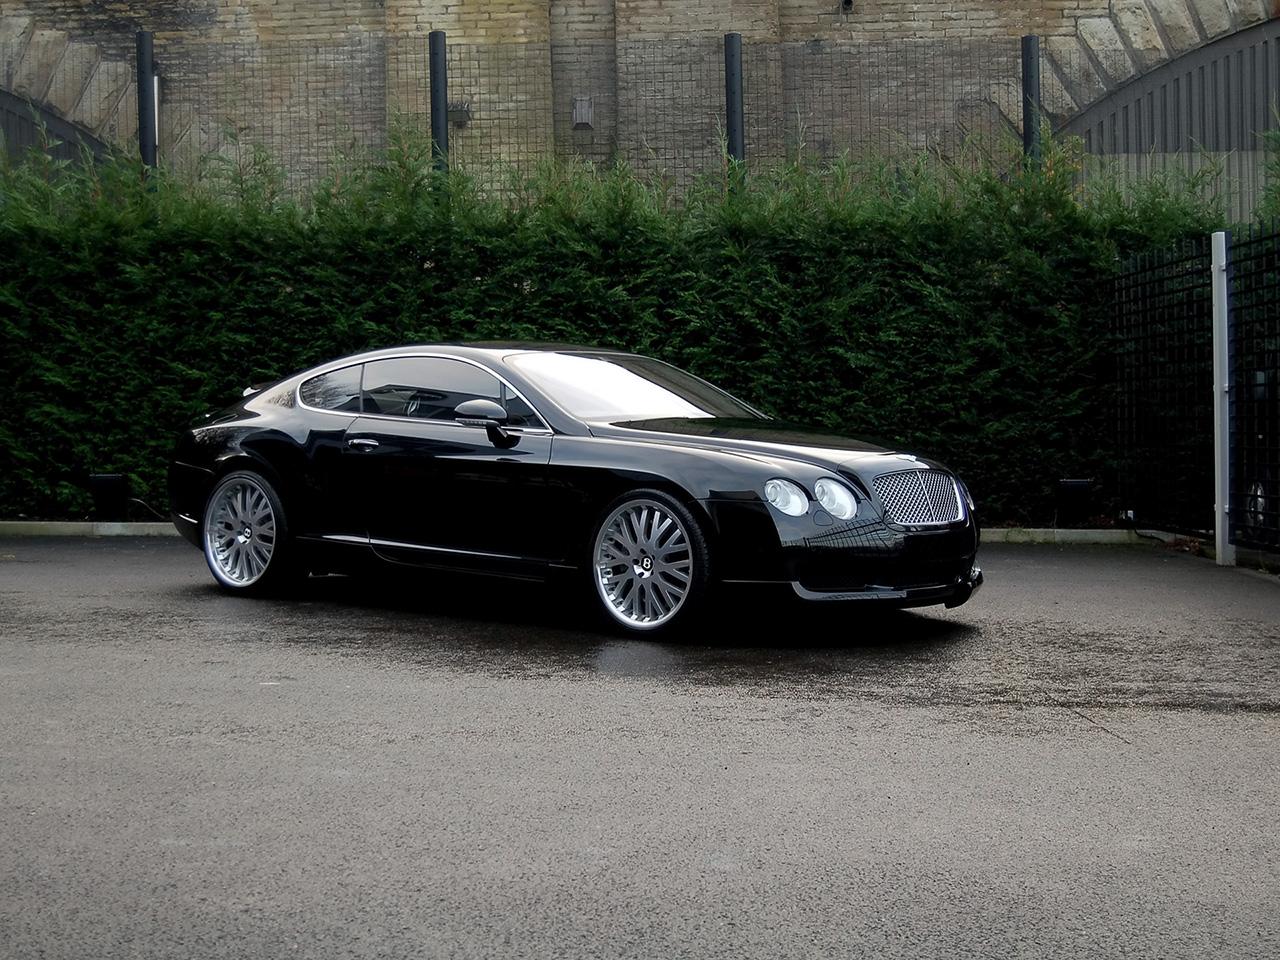 CARZ WALLPAPERS: Bentley Cars